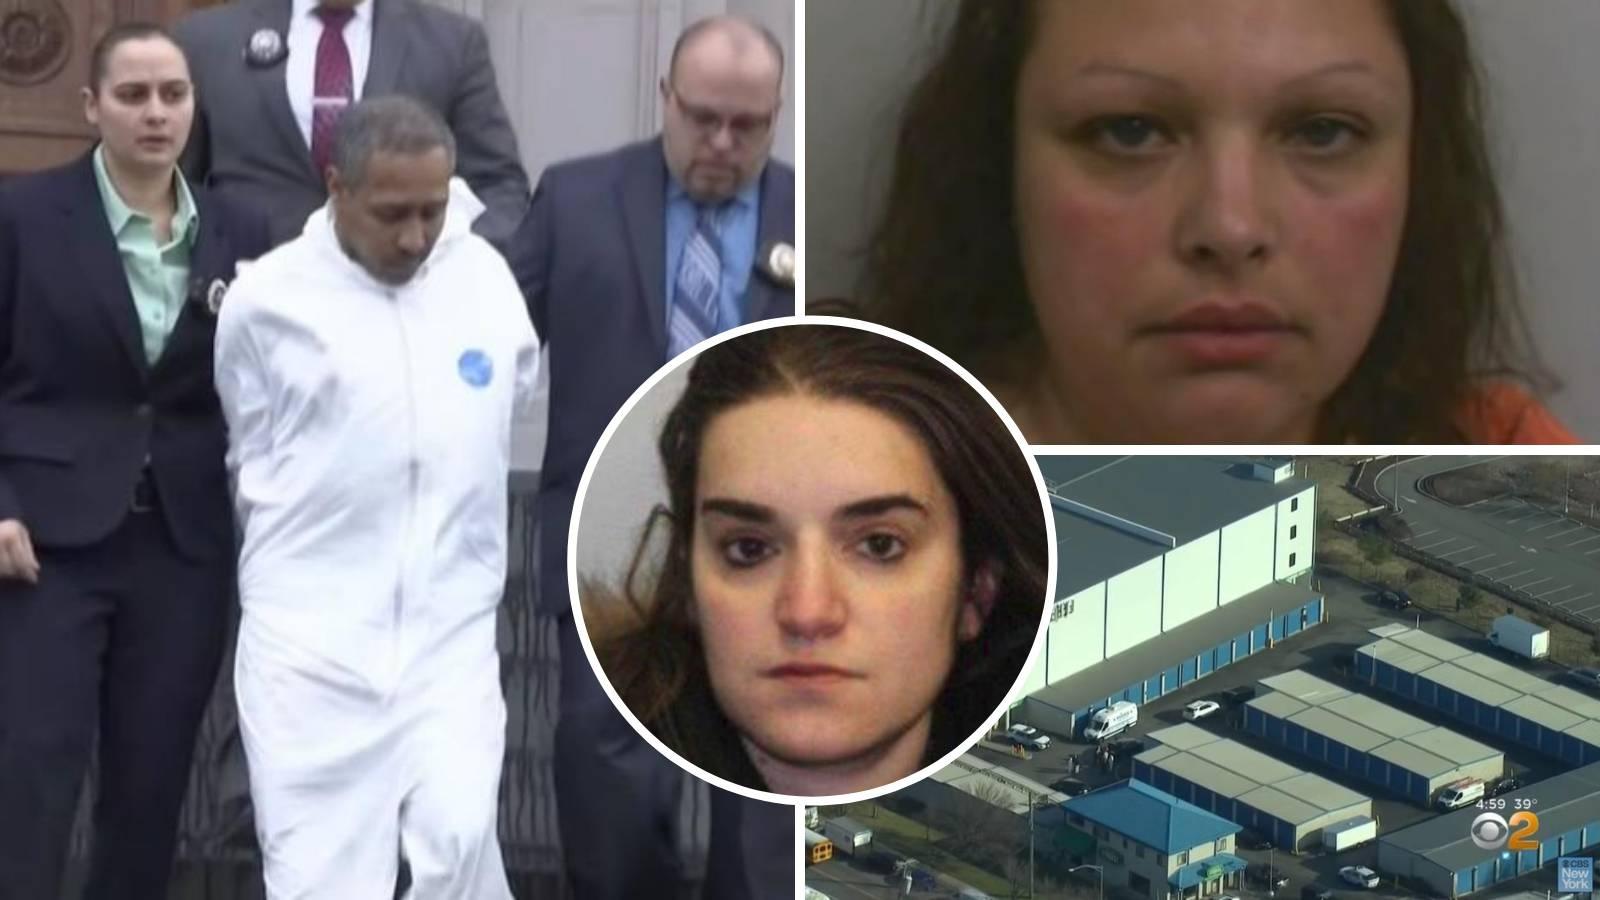 Zajedno s dadiljom ubio ženu: Izmrcvarili su ju i bacili u vreću